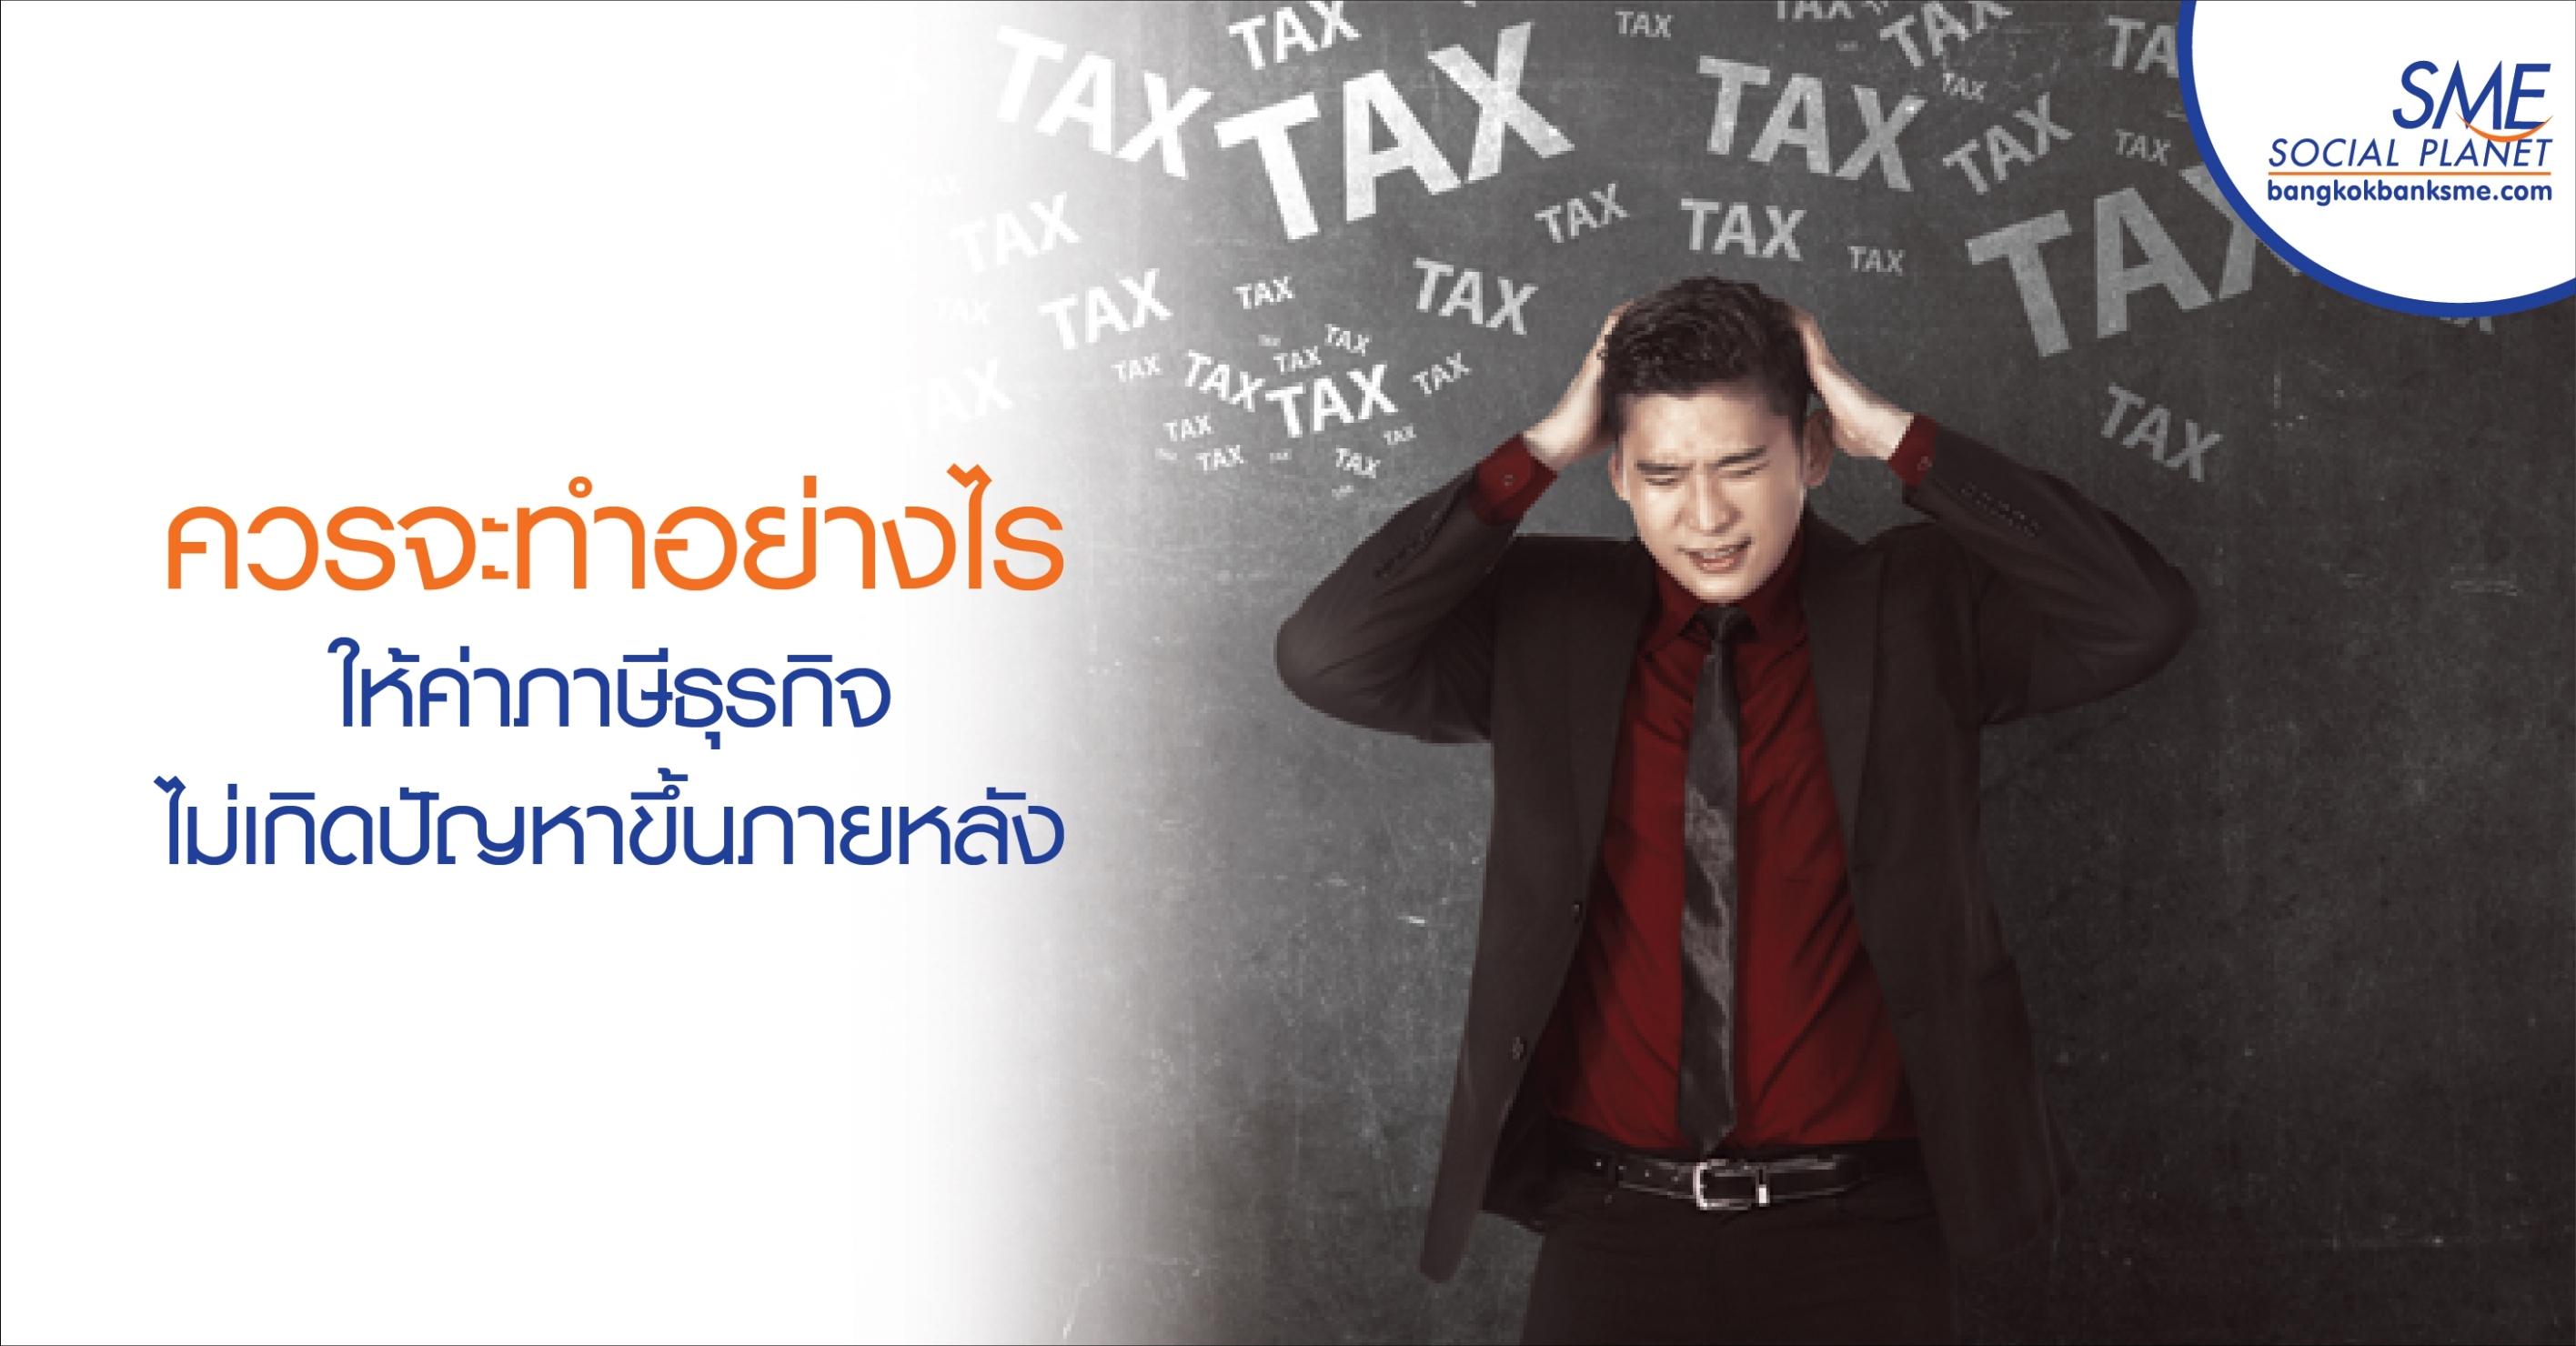 ควรจะทำอย่างไรให้ค่าภาษีธุรกิจไม่เกิดปัญหาขึ้นภายหลัง